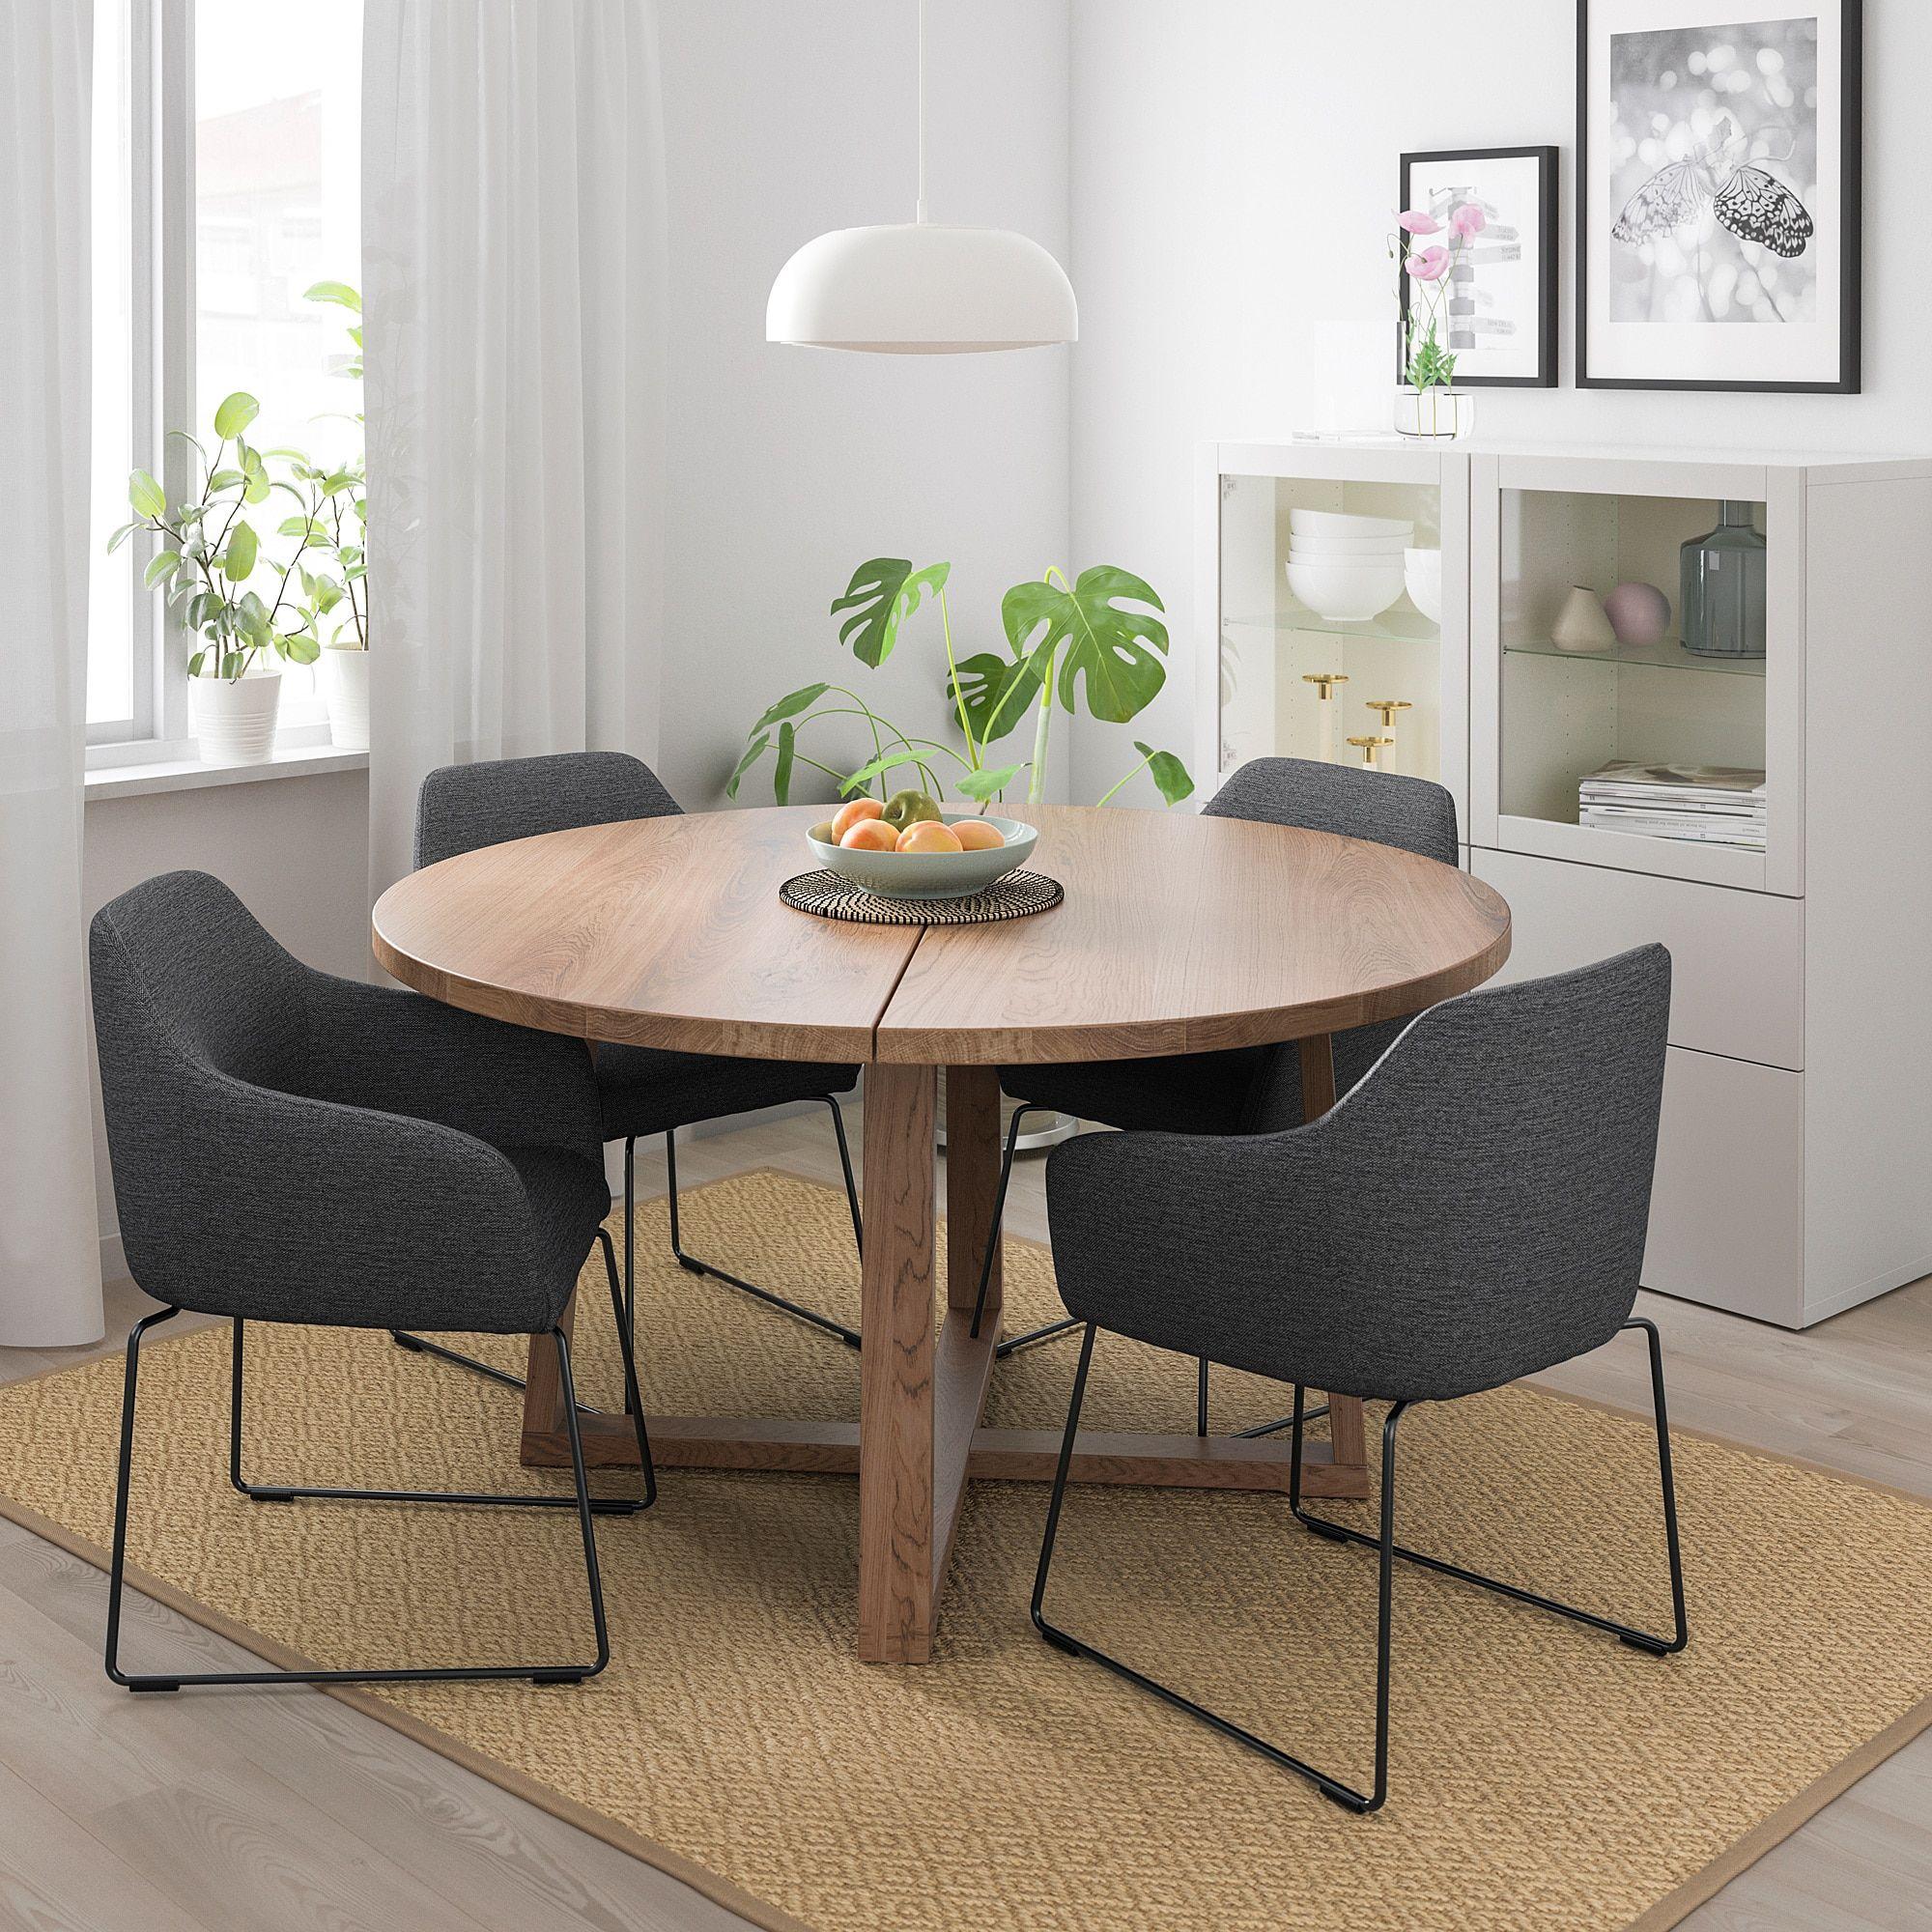 Morbylanga Tossberg Tisch Und 4 Stuhle Eichenfurnier Braun Las Metall Grau Ikea Osterreich Haus Deko Ikea Tisch Rund Wohnzimmertische